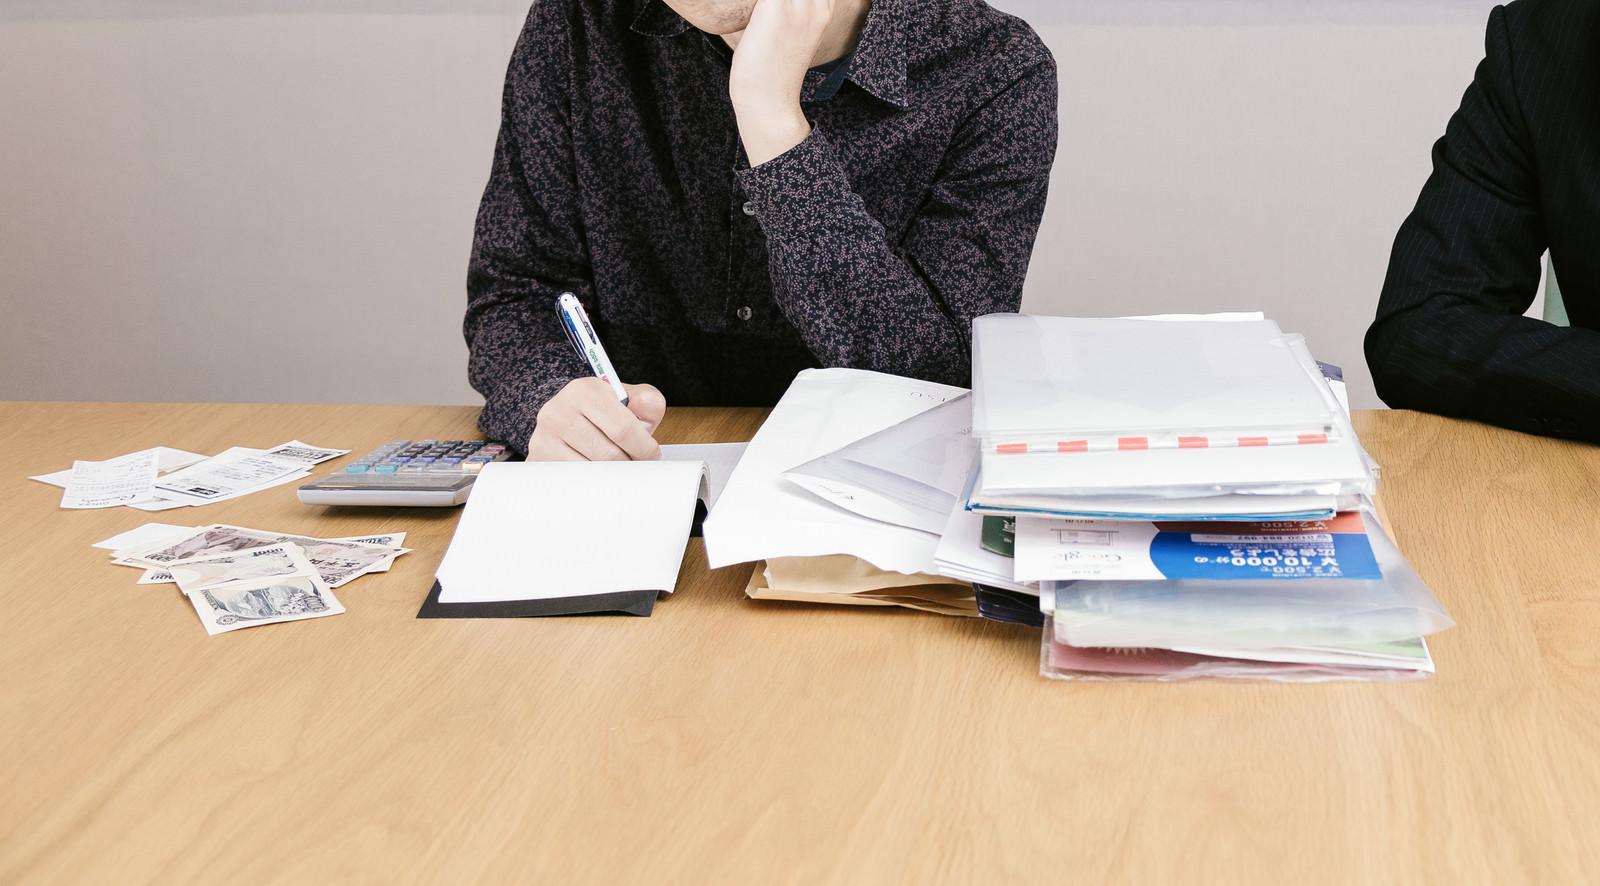 「個人と取引する場合、支払調書は必要ですか?」の写真